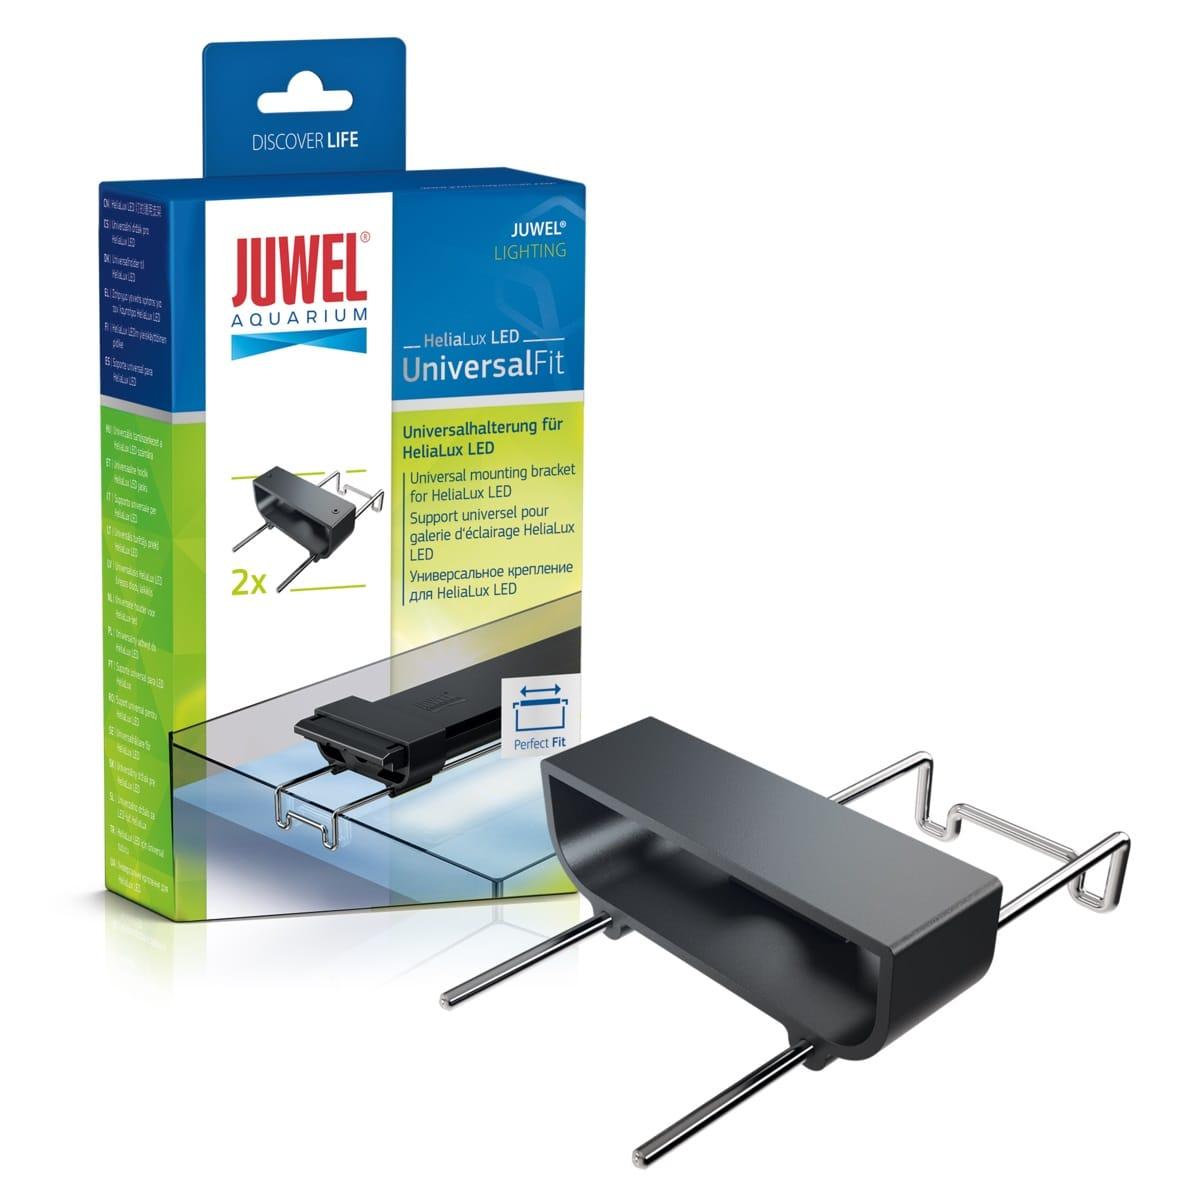 JUWEL HeliaLux LED UniversalFit lot de 2 supports pour transformer une réglette LEDs Helialux en rampe universelle